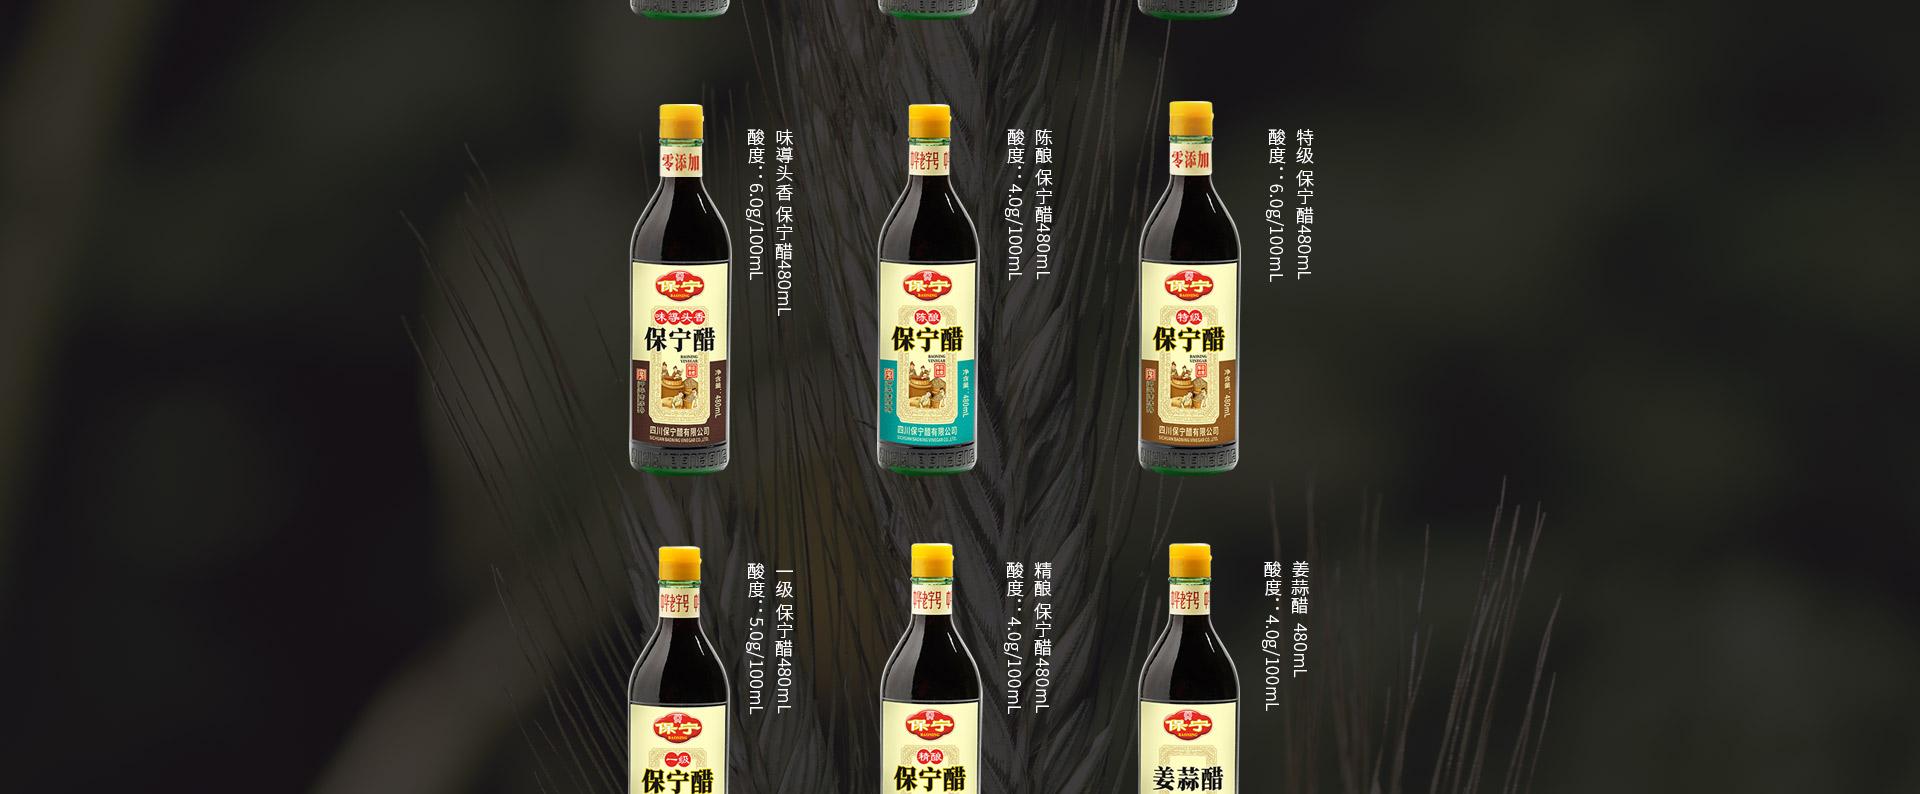 产品-陈酿_06.jpg